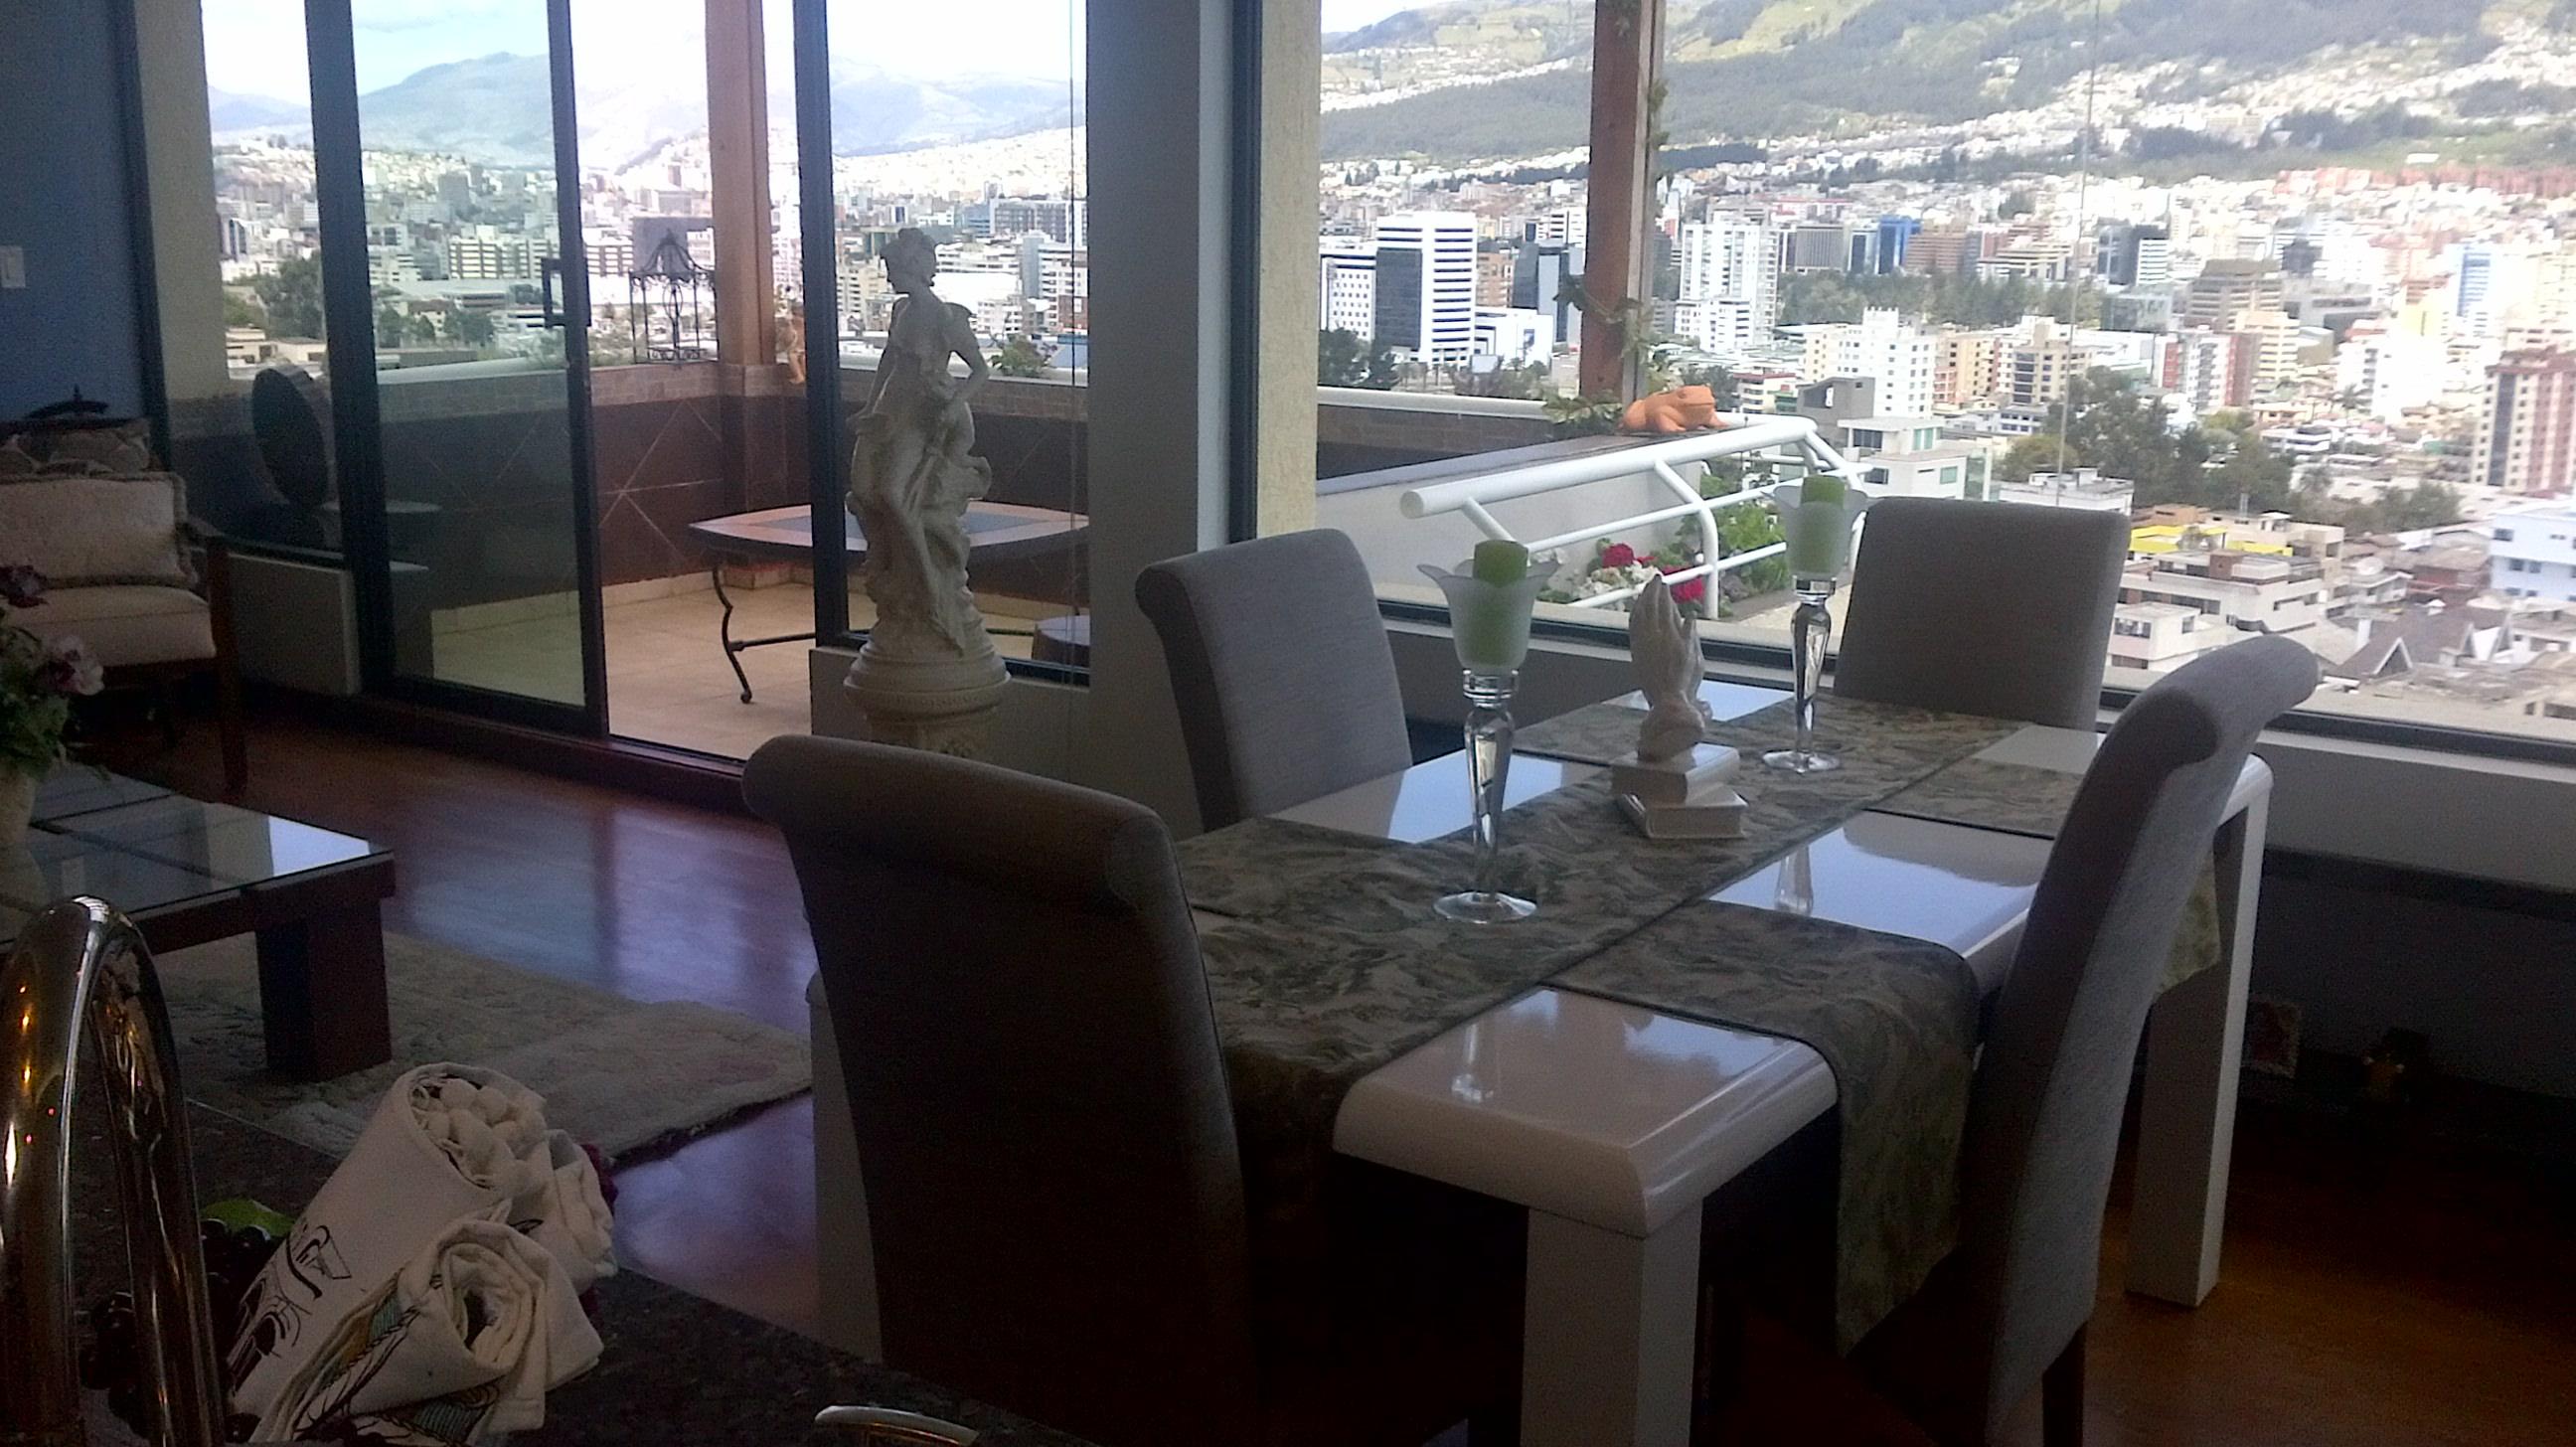 Penthouse Batan Alto en Quito de venta 250000